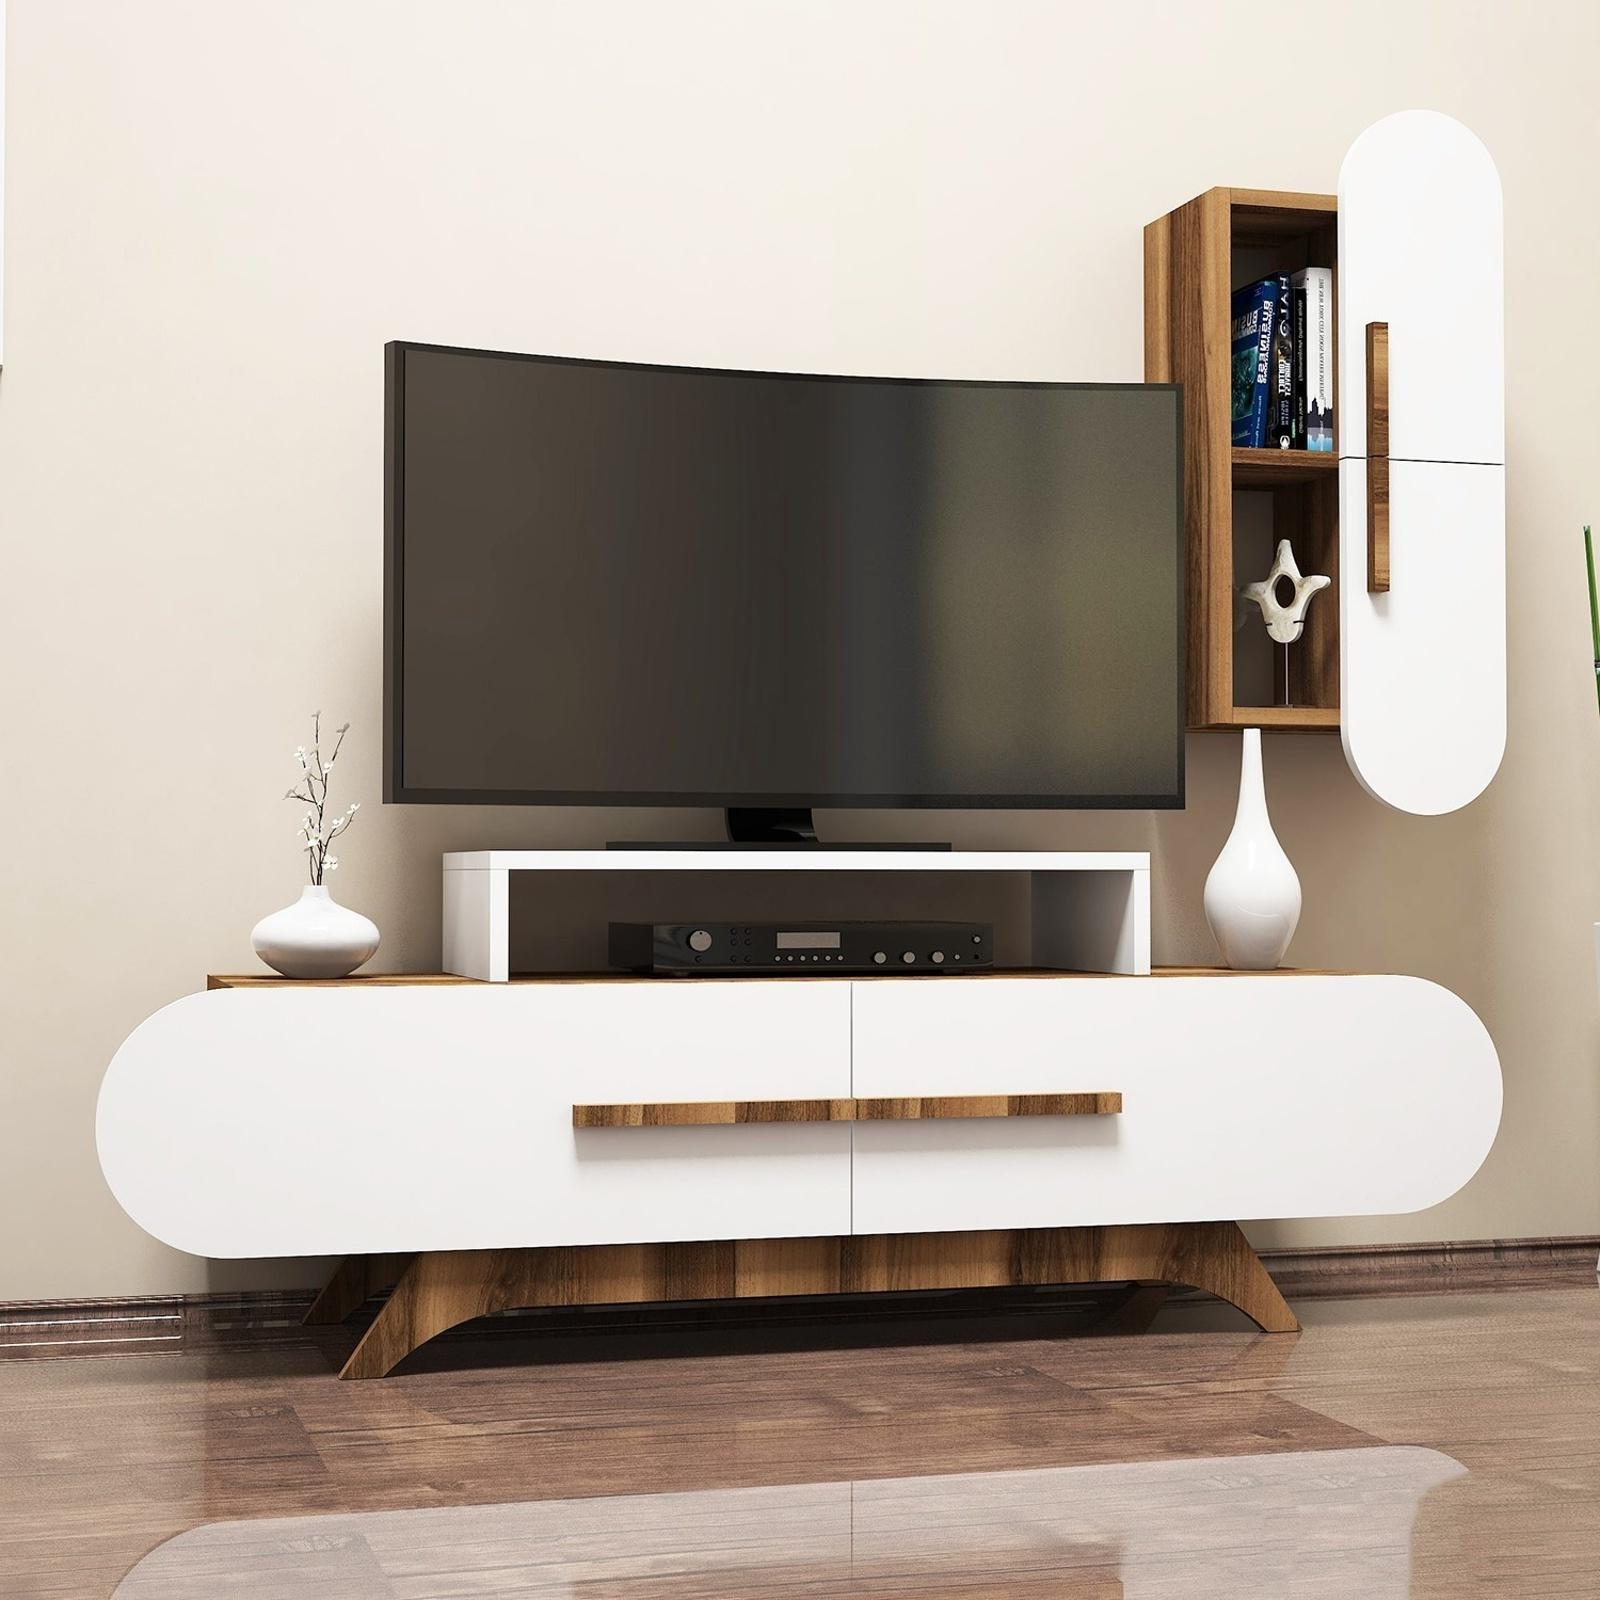 Variant Rose Duvar Raflı Tv Sehpası Ceviz Beyaz | Yukko Regarding Ducar 74 Inch Tv Stands (View 20 of 20)